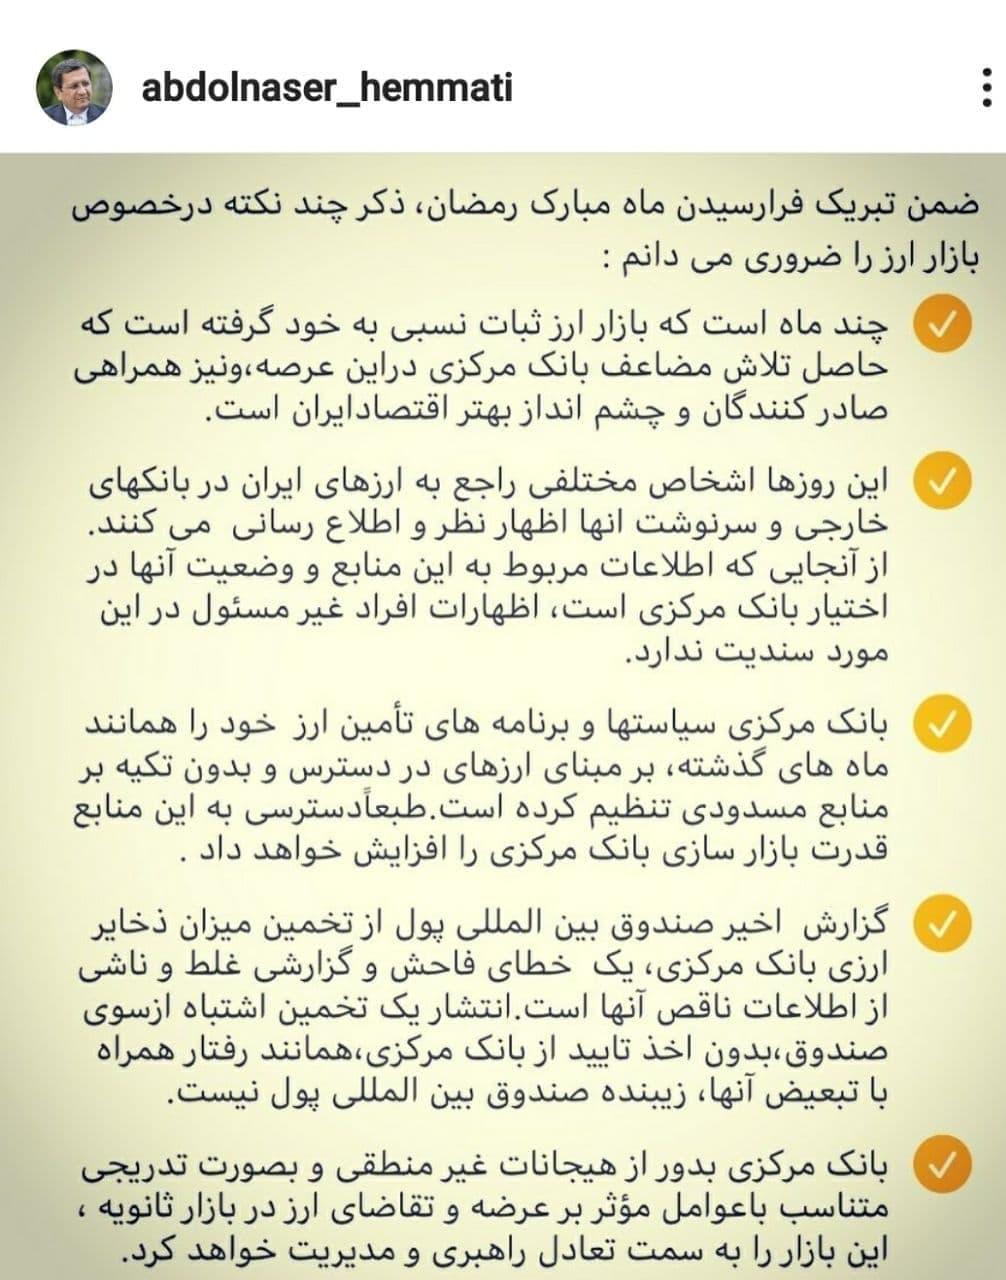 رییس کل بانک مرکزی: گزارش صندوق بینالمللی پول از ذخایر ارزی ایران غلط است